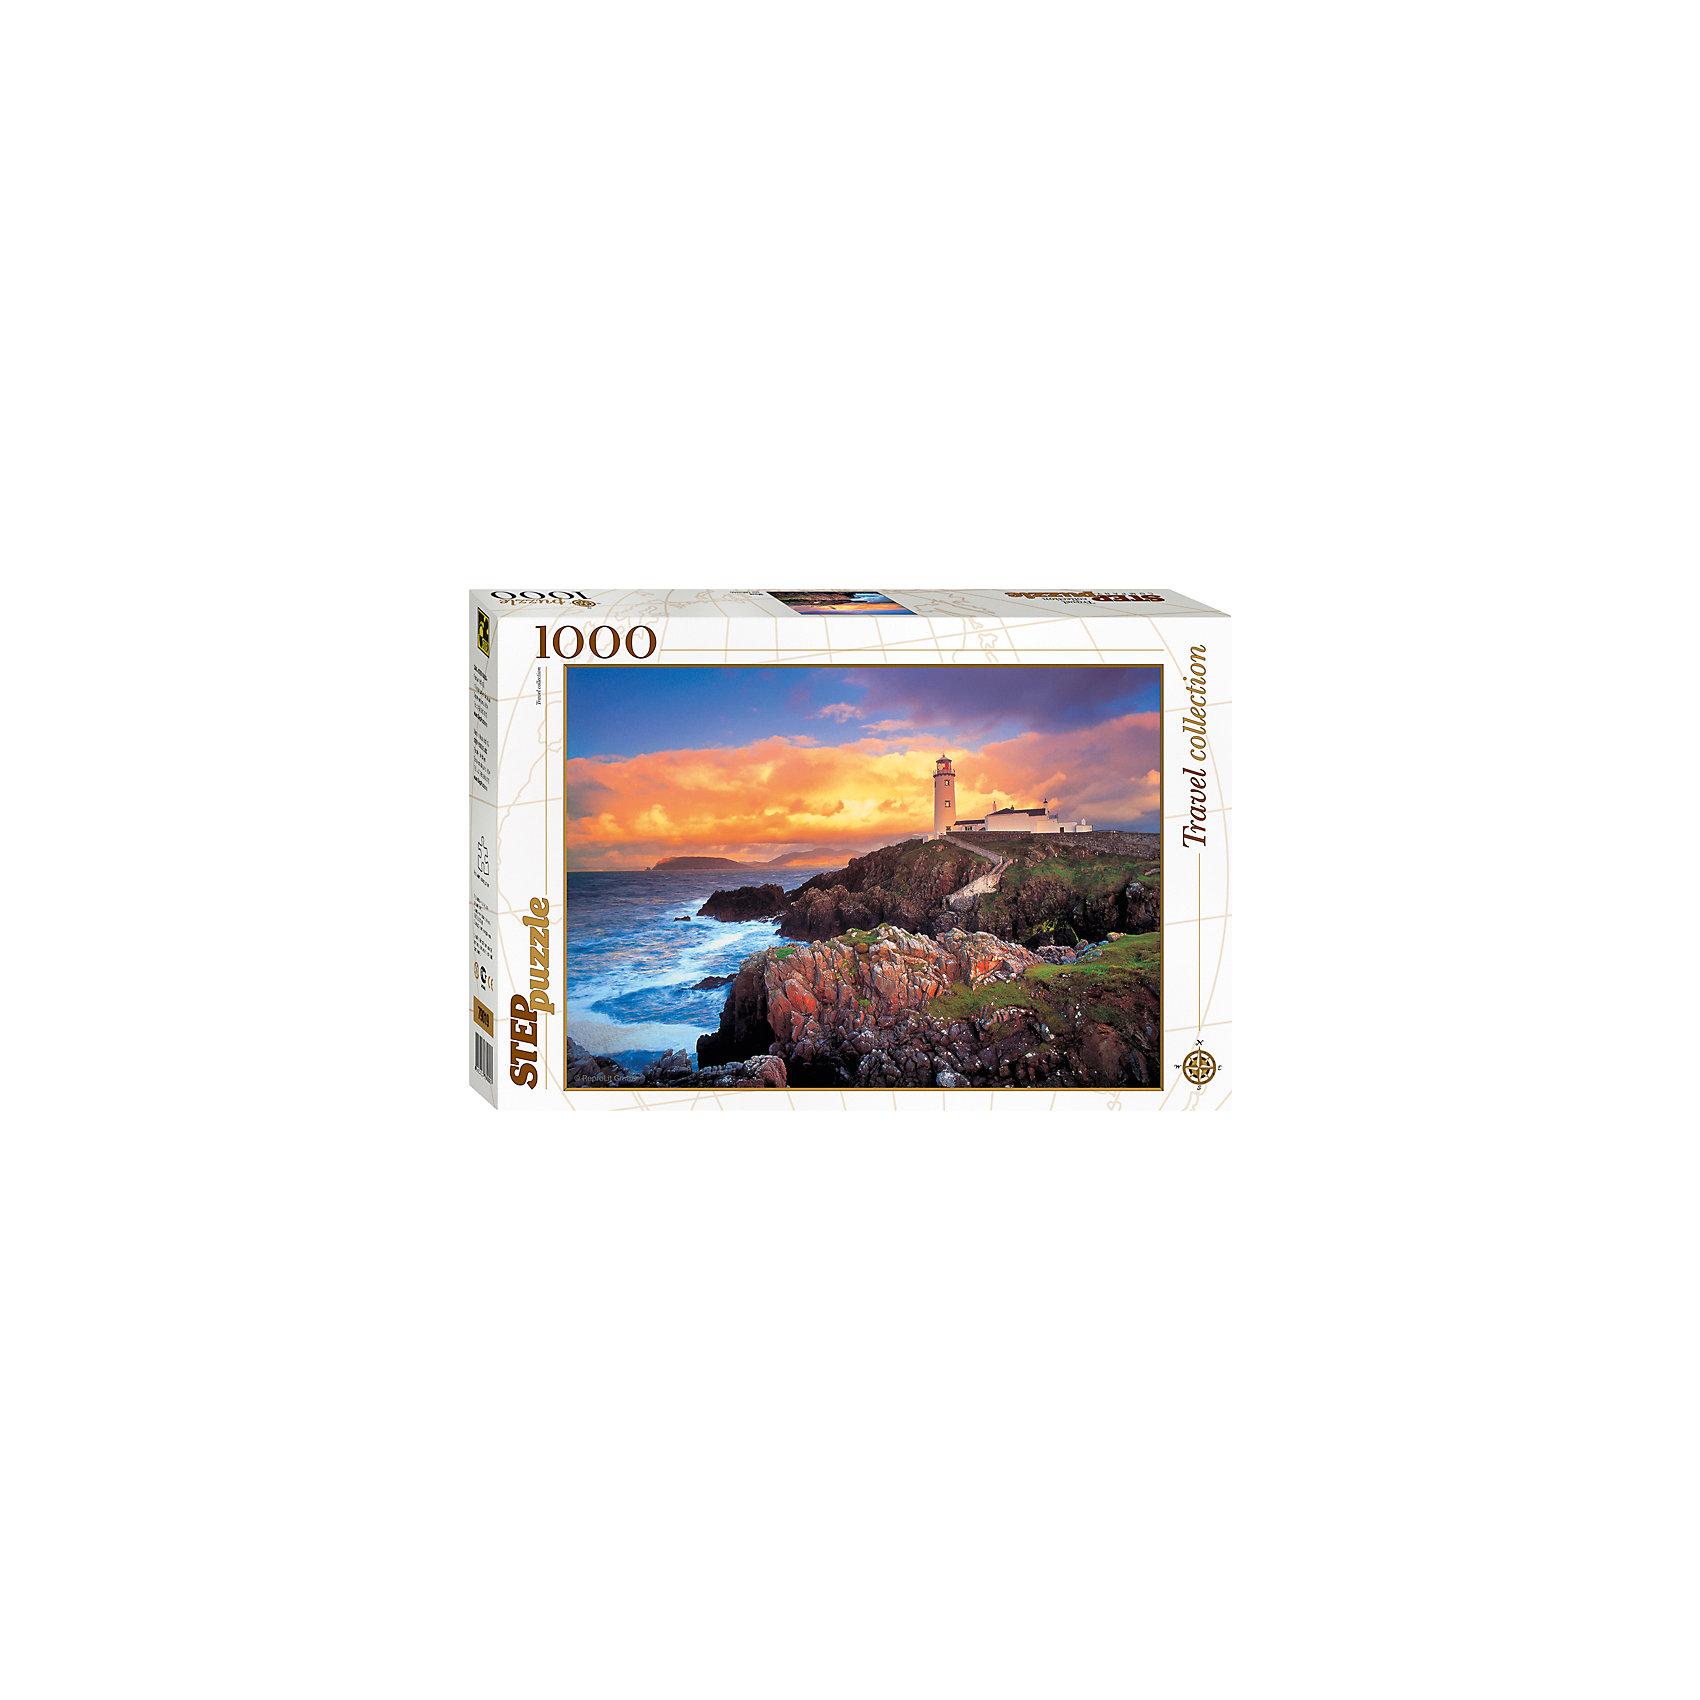 Пазл Маяк, 1000 деталей, Step PuzzleКлассические пазлы<br>Пазл Маяк, 1000 деталей, Step Puzzle (Степ Пазл) – это коллекционный подарочный пазл из серии «Travel Collection».<br>Собрав это пазл, Вы получите прекрасный предзакатный пейзаж, где лучи заходящего солнца, освящают одинокий маяк, стоящий вдалеке, а бирюзовые волны солеными брызгами разбиваются о прибрежные скалы, покрытые зеленой травой. Собирается картина из 1000 аккуратно вырезанных элементов. Благодаря великолепному качеству исполнения, высокой точности в подгонке деталей, плотности картона, а также высокой контрастности, во время сборки у вас не возникнет абсолютно никаких затруднений. Получившаяся картина впишется в любой интерьер. Рекомендуется приобрести специальный клей для пазлов, который скрепит пазл, придаст ему сходство с цельной картиной.<br><br>Дополнительная информация:<br><br>- Количество деталей: 1000<br>- Материал: картон<br>- Размер собранной картины: 68х48 см.<br>- Отличная проклейка<br>- Детали идеально подходят друг другу<br>- Упаковка: картонная коробка<br>- Размер упаковки: 400x55x270 мм.<br>- Вес: 600 гр.<br><br>Пазл Маяк, 1000 деталей, Step Puzzle (Степ Пазл) можно купить в нашем интернет-магазине.<br><br>Ширина мм: 400<br>Глубина мм: 55<br>Высота мм: 270<br>Вес г: 600<br>Возраст от месяцев: 84<br>Возраст до месяцев: 192<br>Пол: Унисекс<br>Возраст: Детский<br>SKU: 4588263